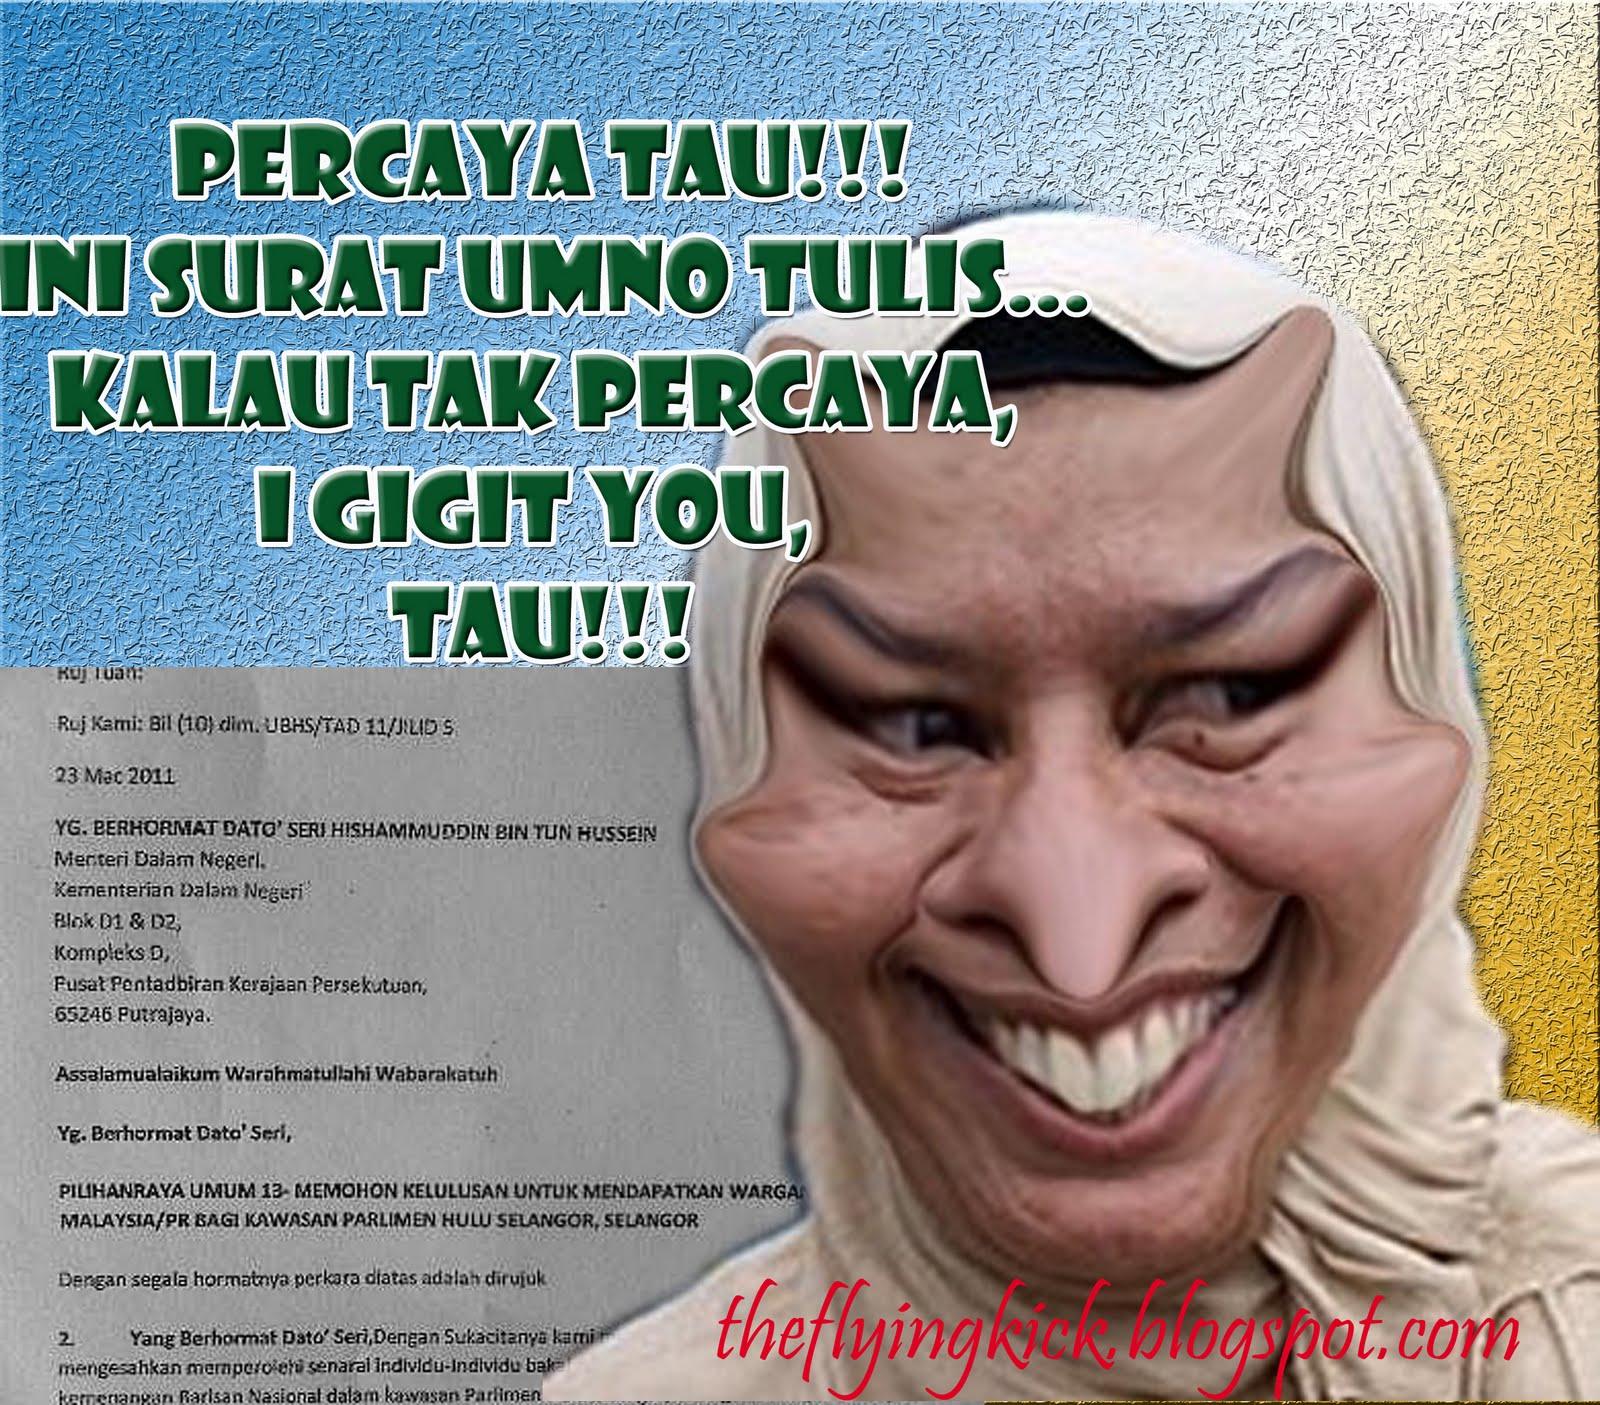 Malay gersang dalam kereta - 2 1